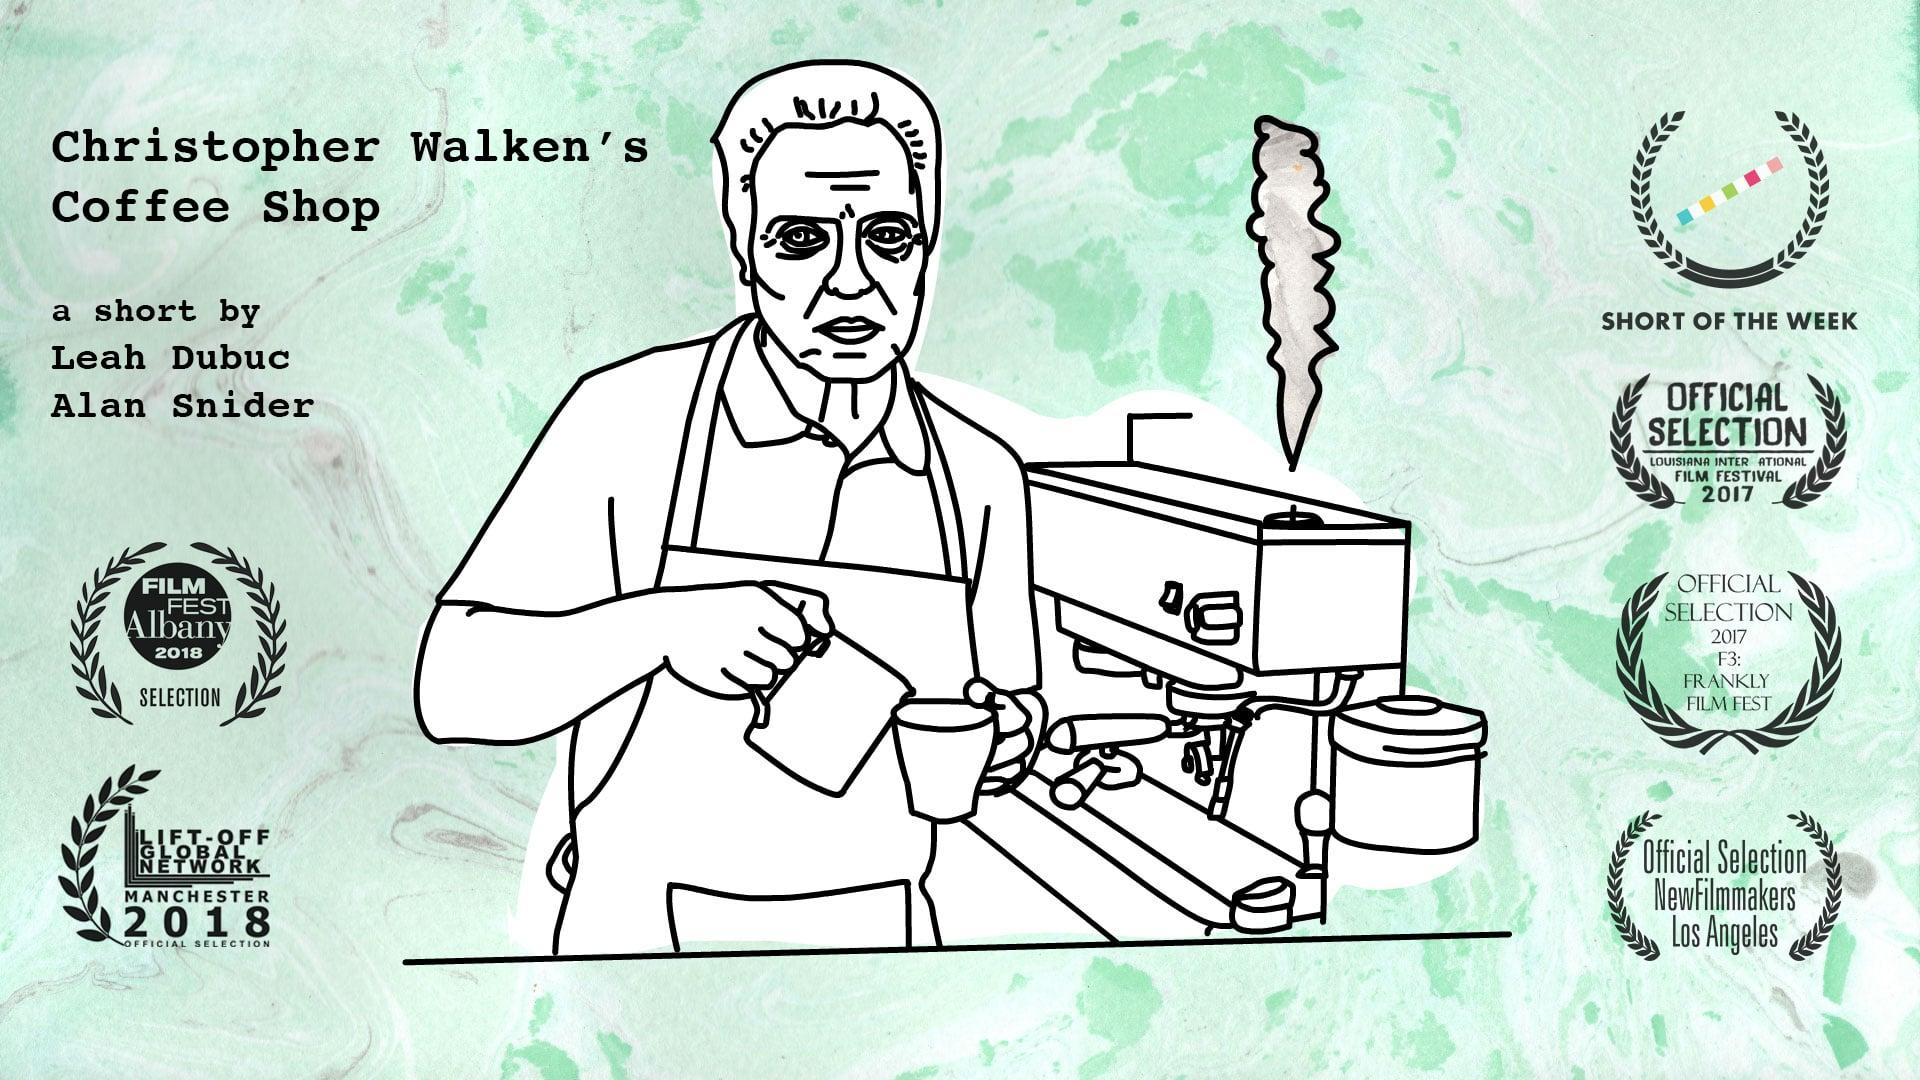 Christopher Walken's Coffee Shop